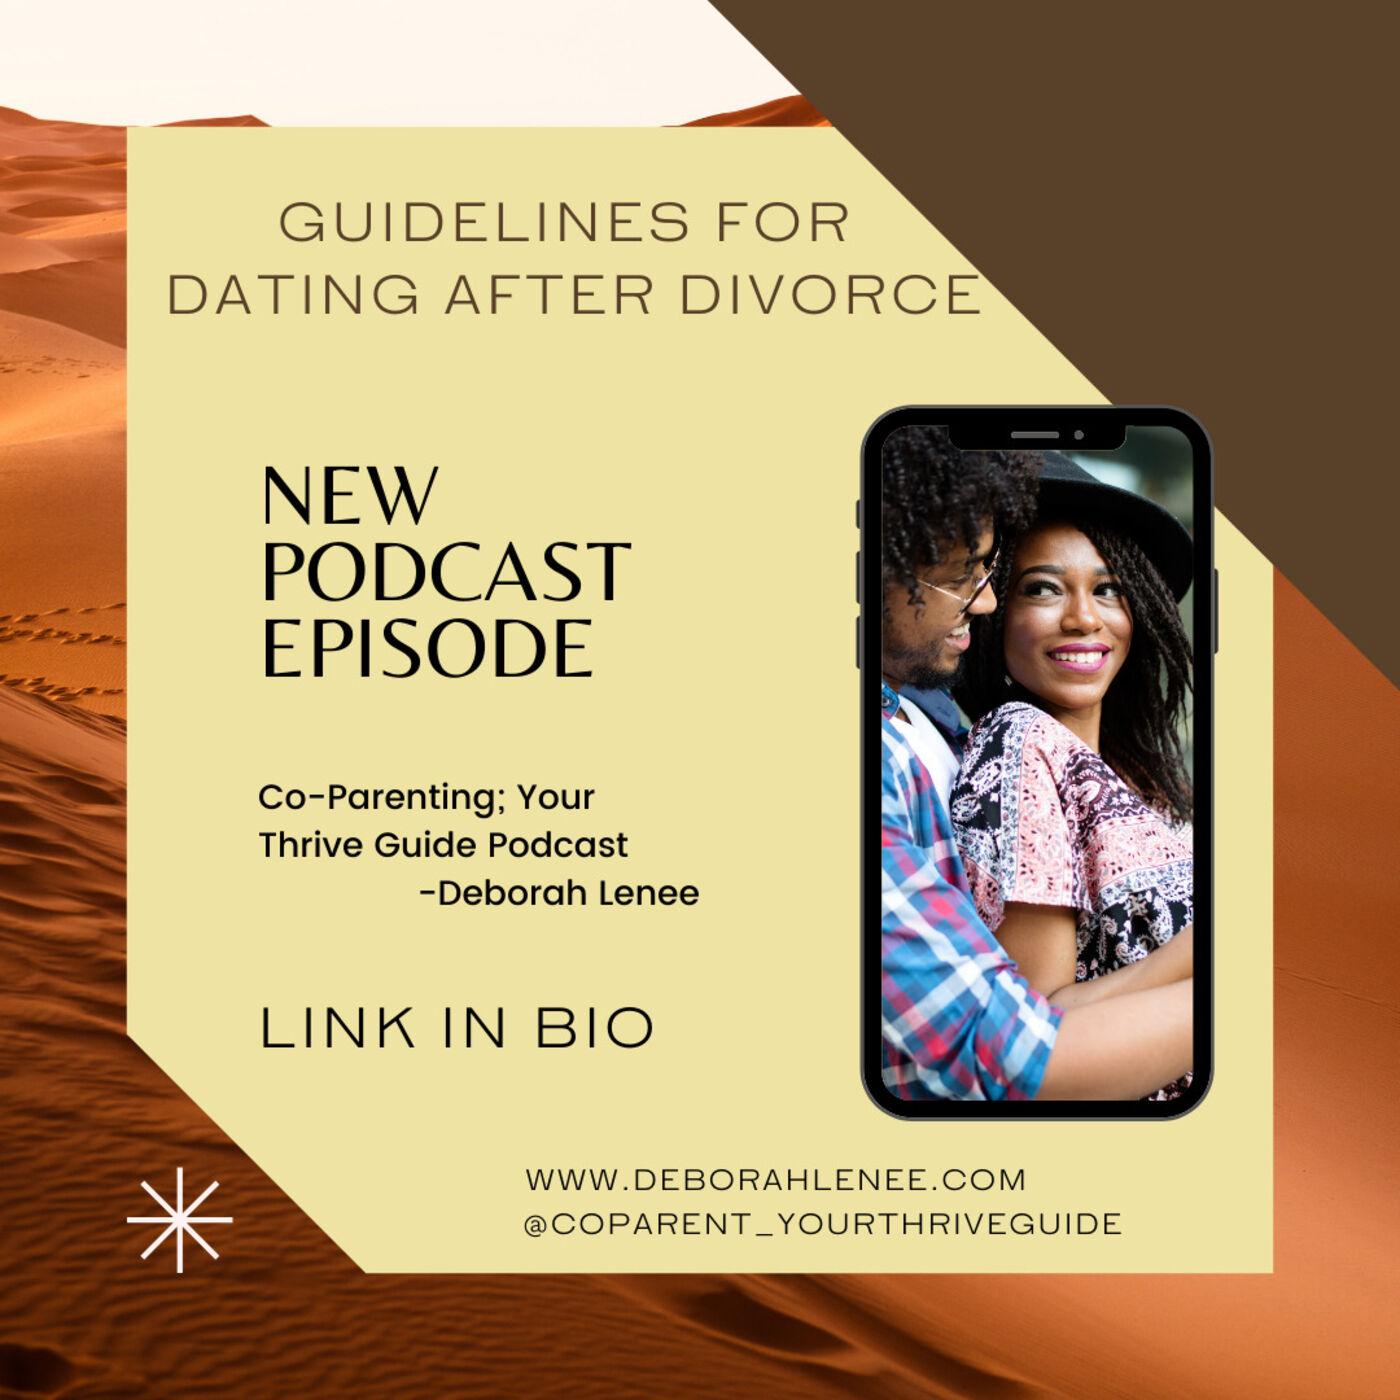 Guidelines for Parents Dating after Divorce